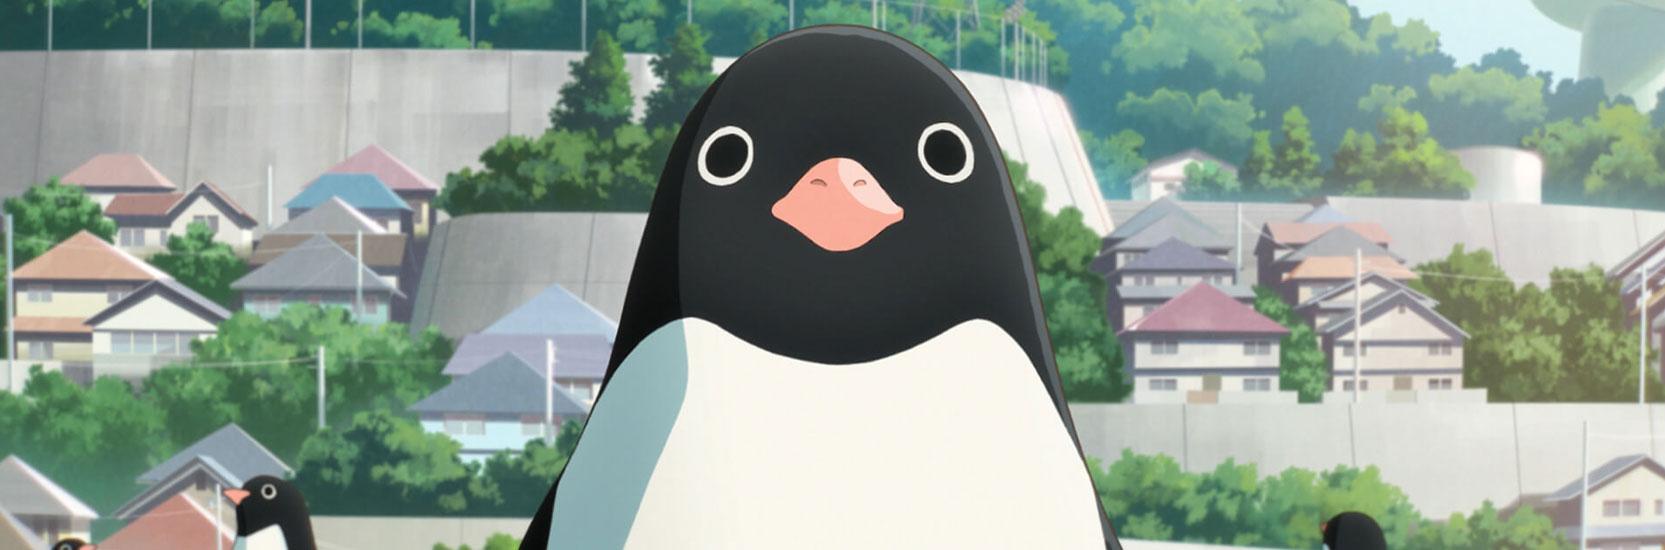 Critique – Le mystère des pingouins